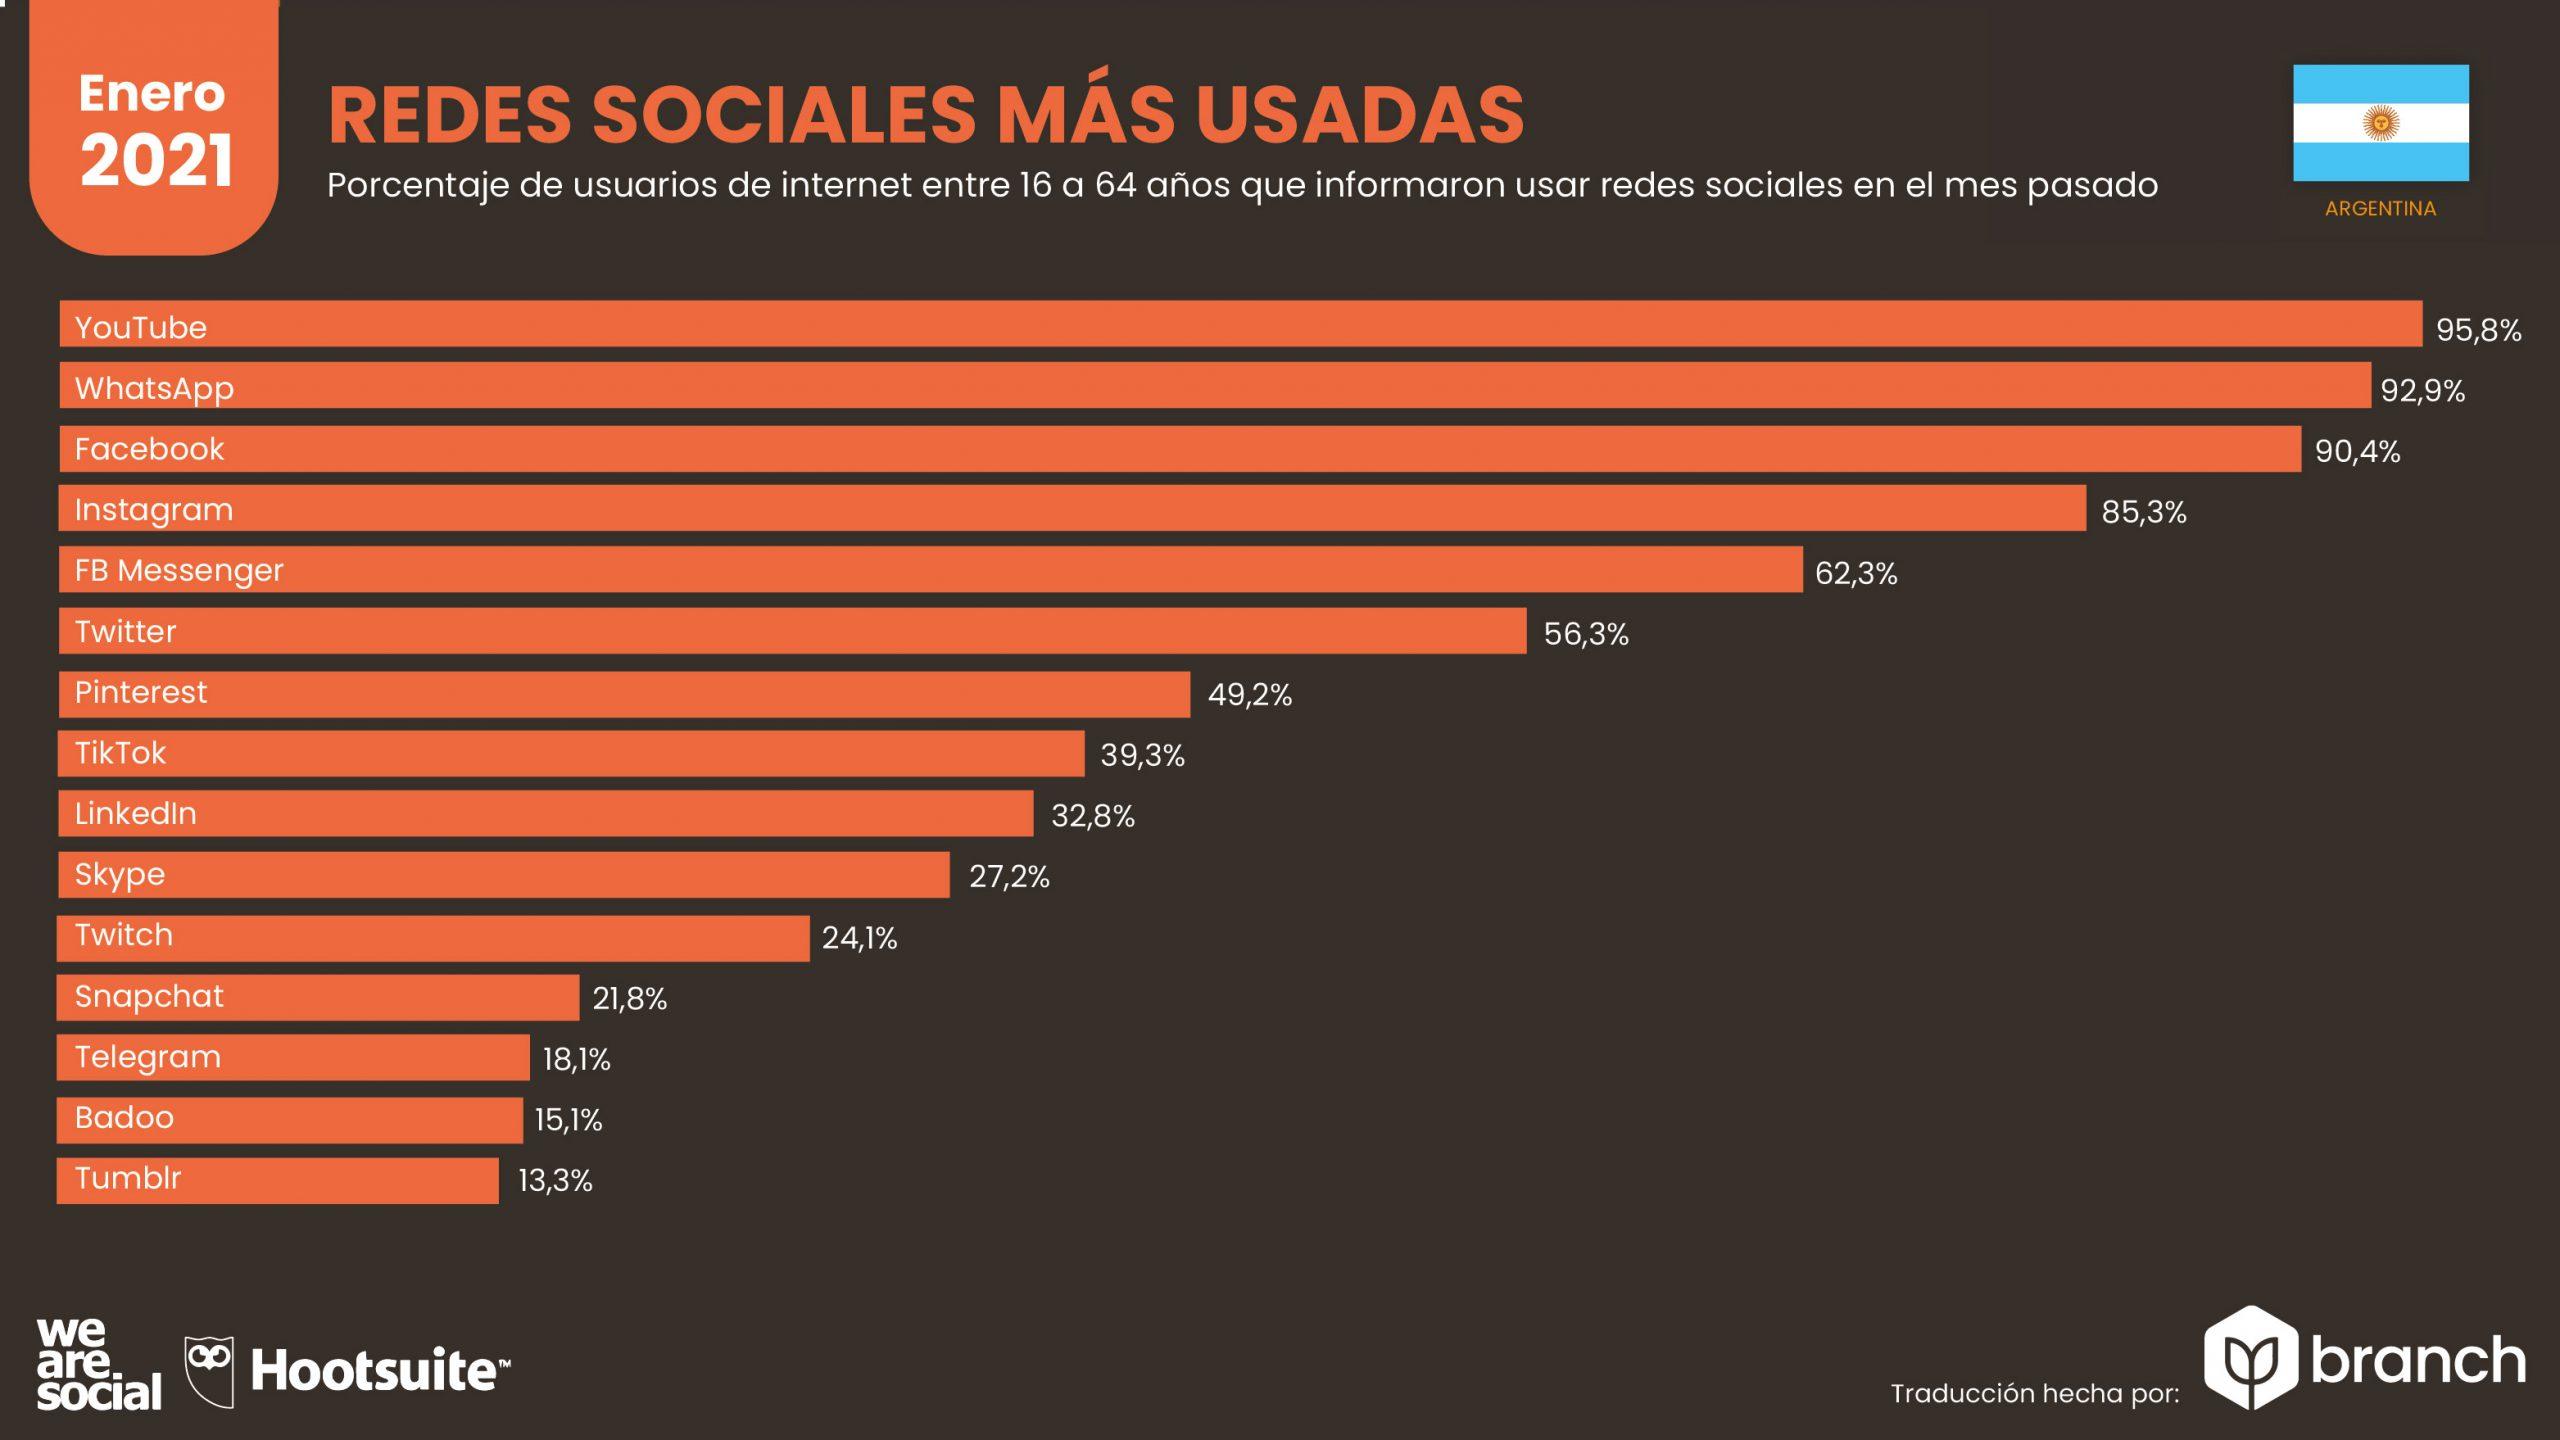 grafico-redes-sociales-mas-usadas-en-argentina-2020-2021